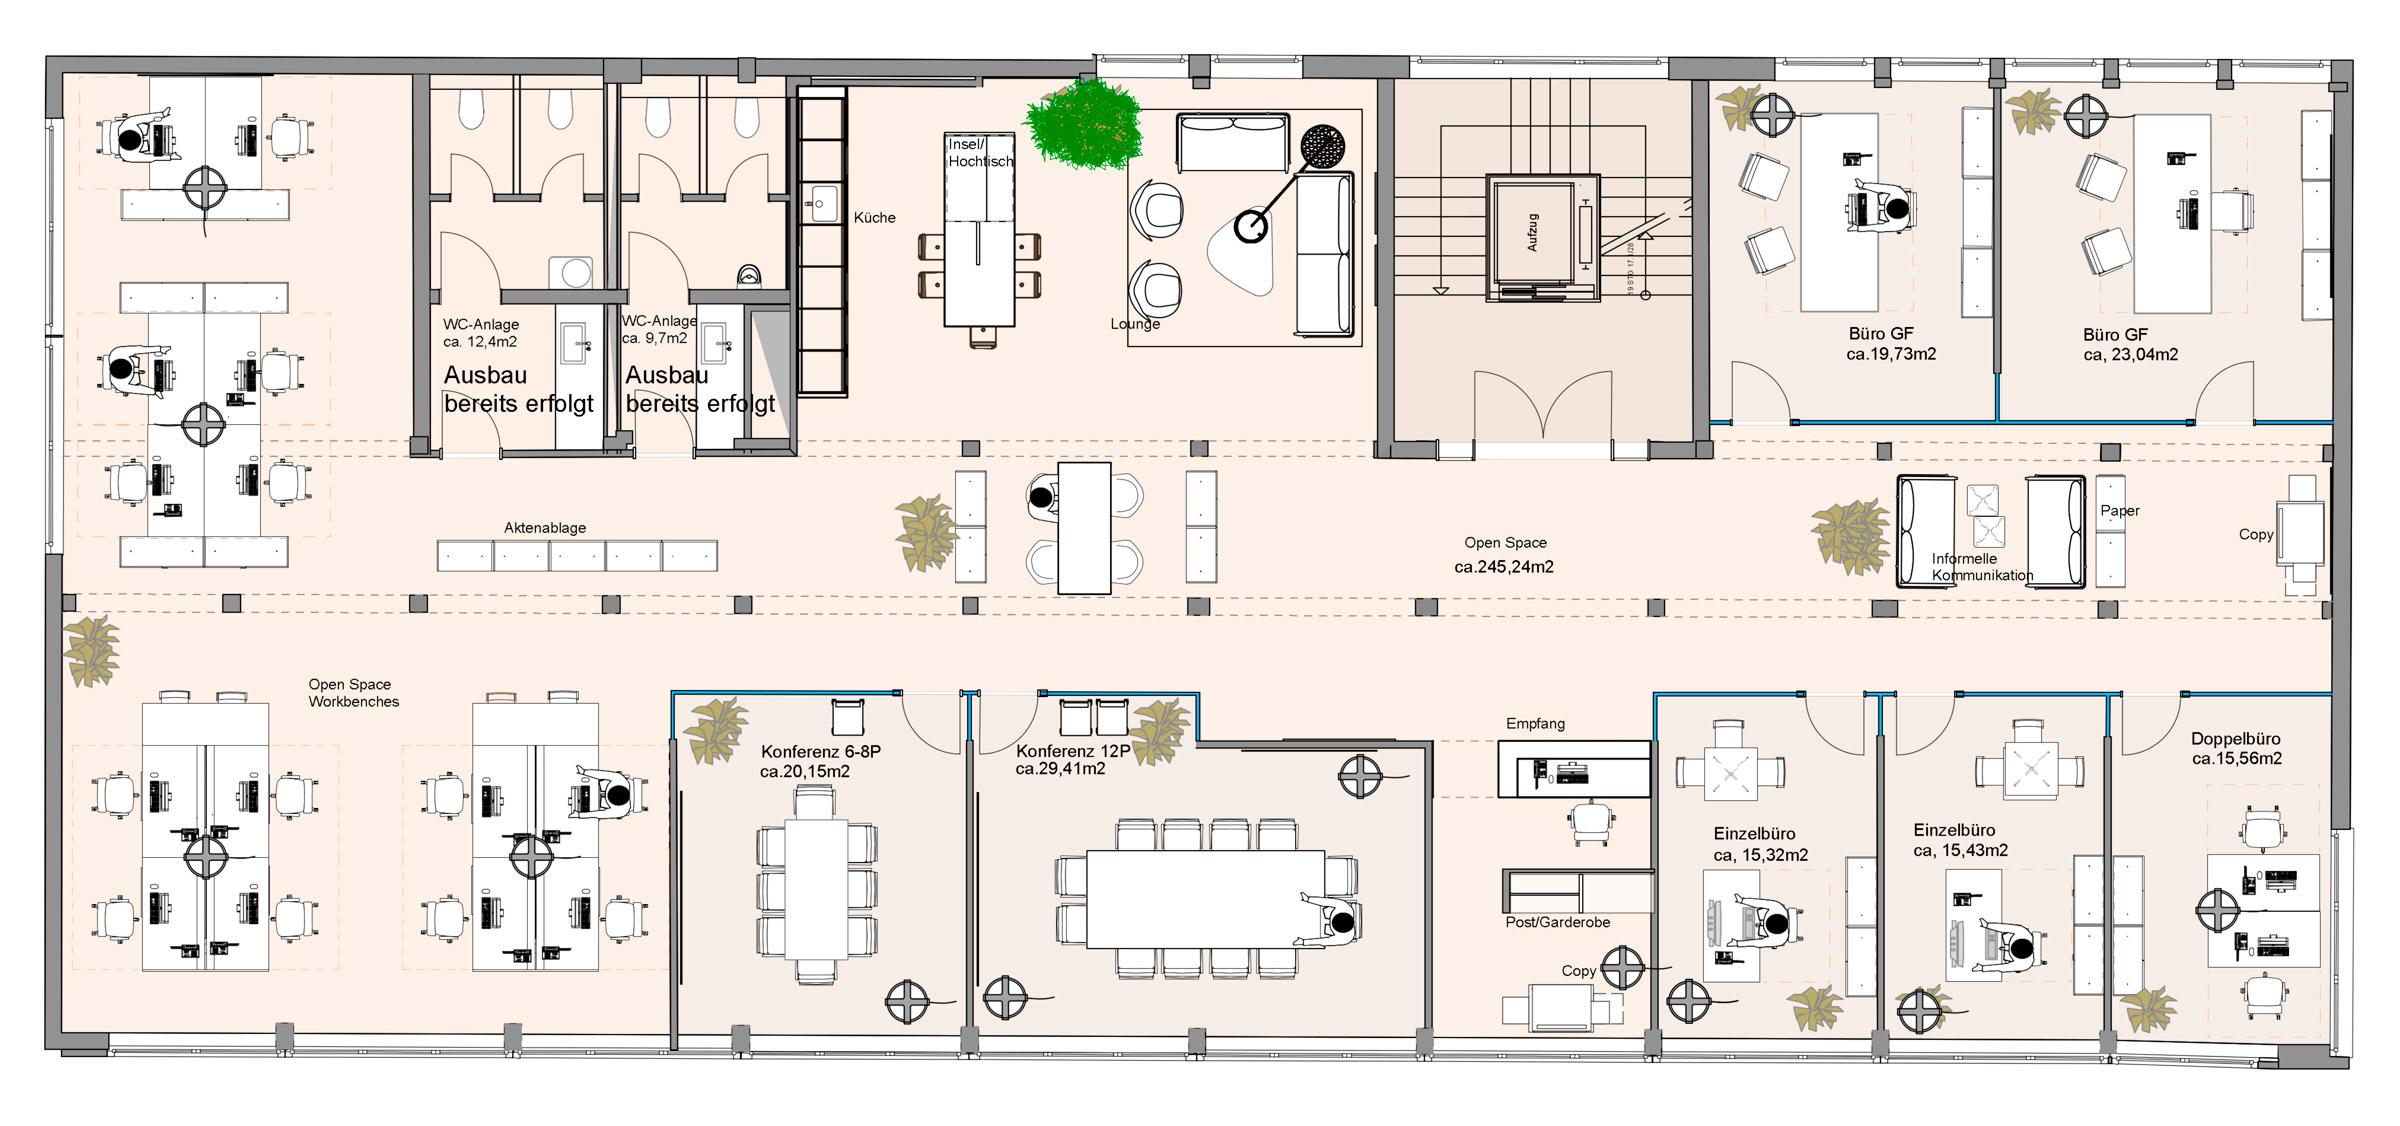 moderne b rokonzepte grundriss neuesten. Black Bedroom Furniture Sets. Home Design Ideas